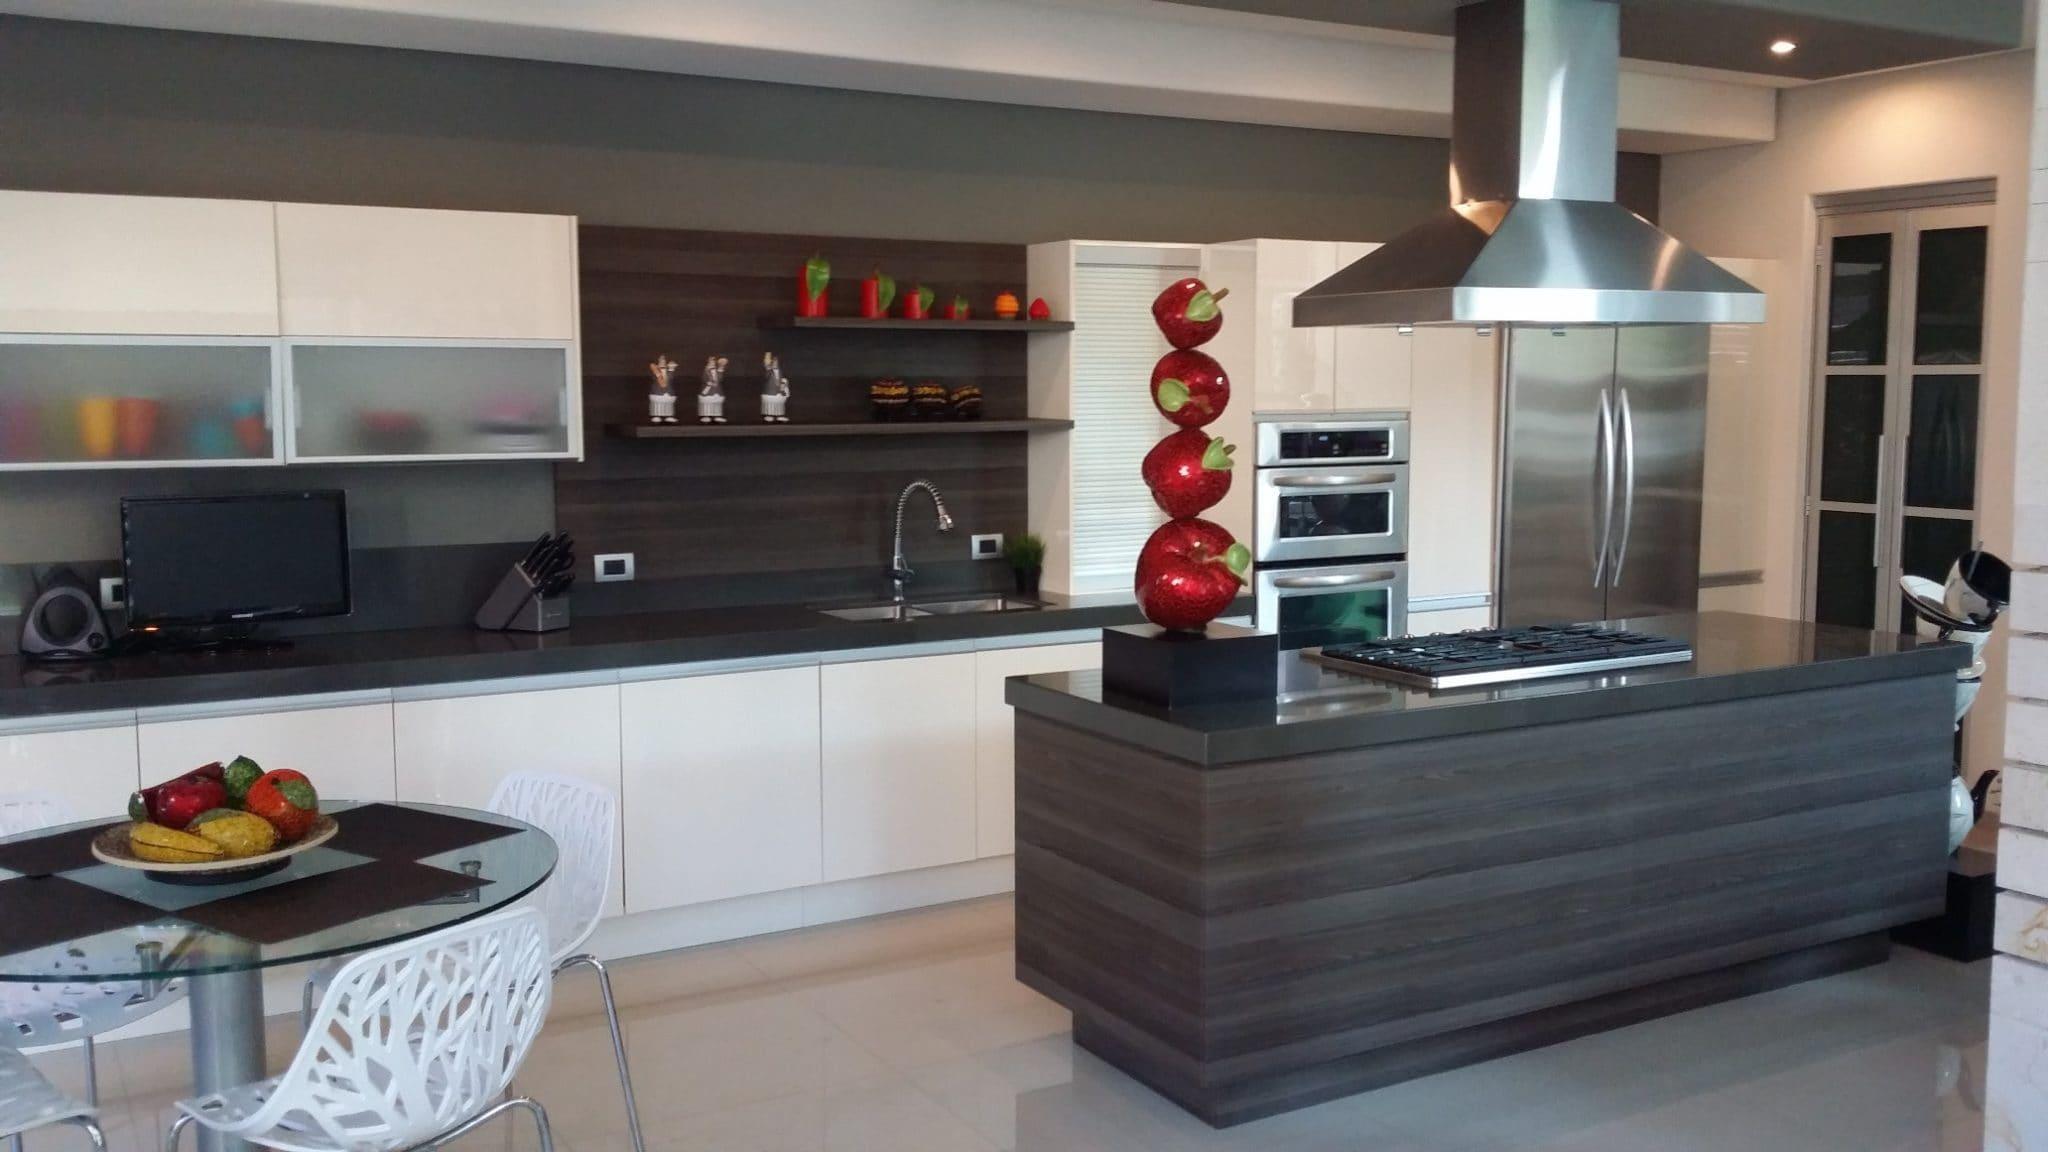 Reglas para dise ar una cocina keepler cocinas for Disenar muebles de cocina online